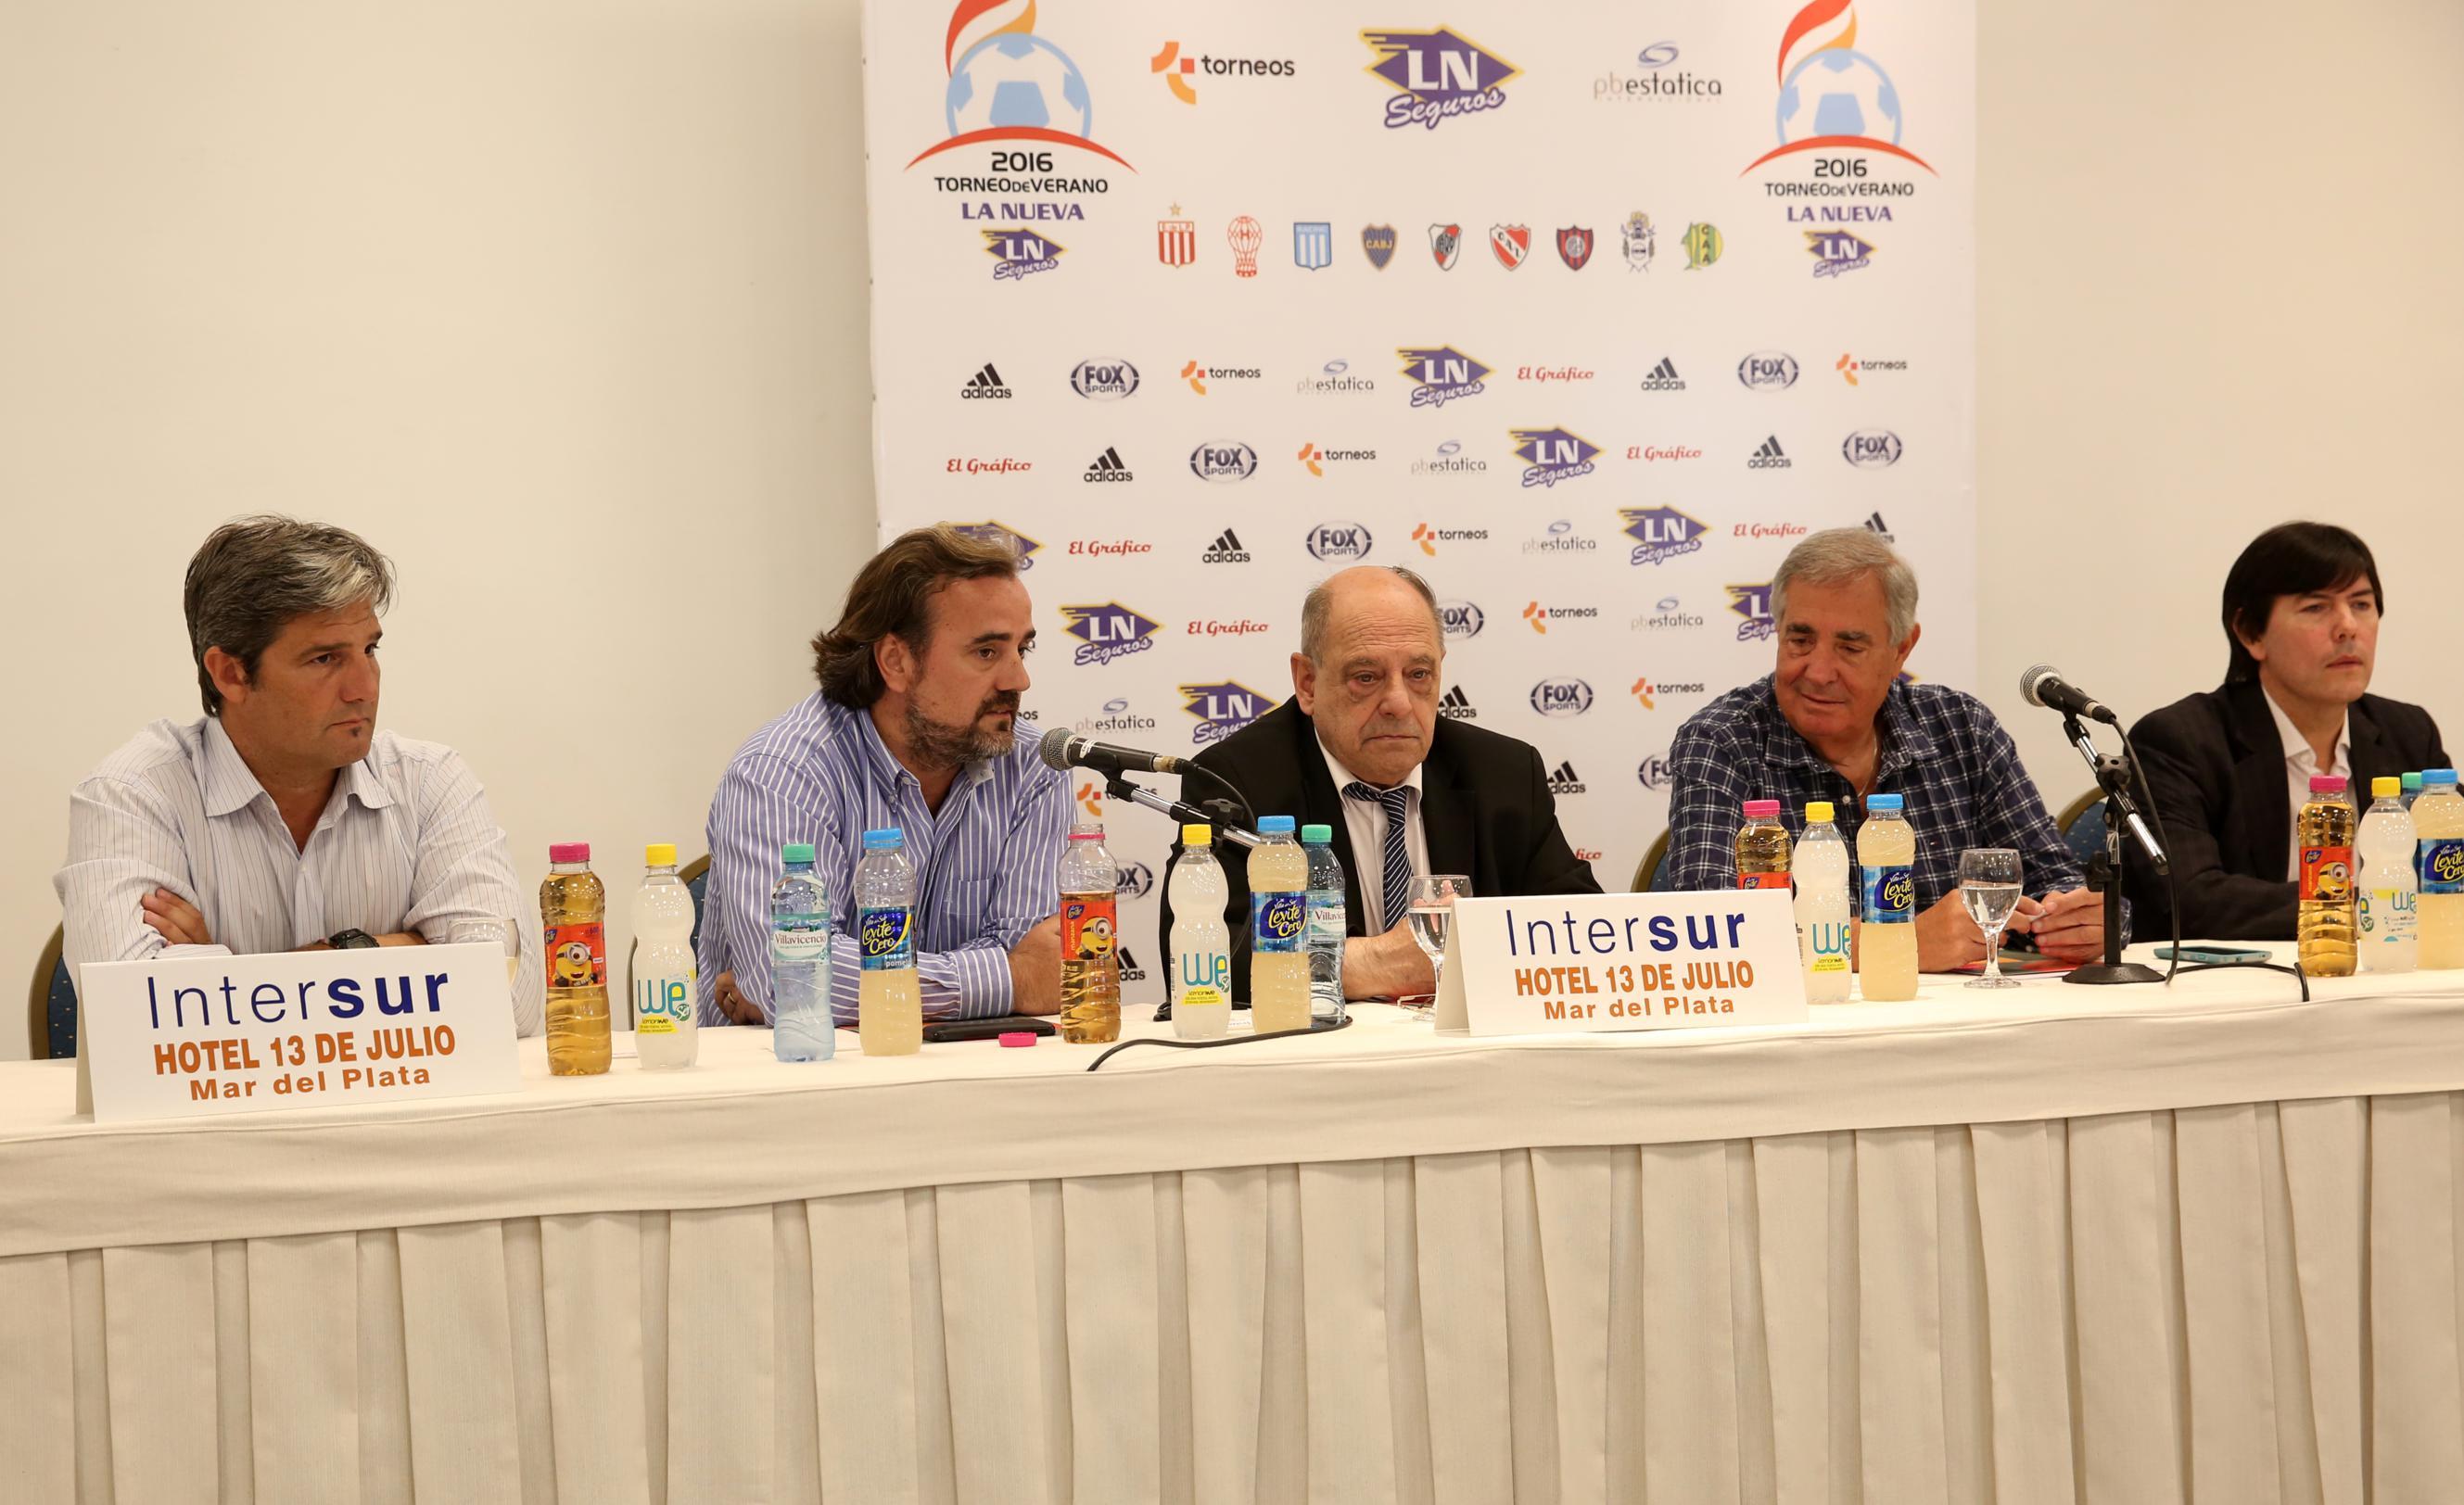 La mesa de presentación del fútbol de verano en Mar del Plata.